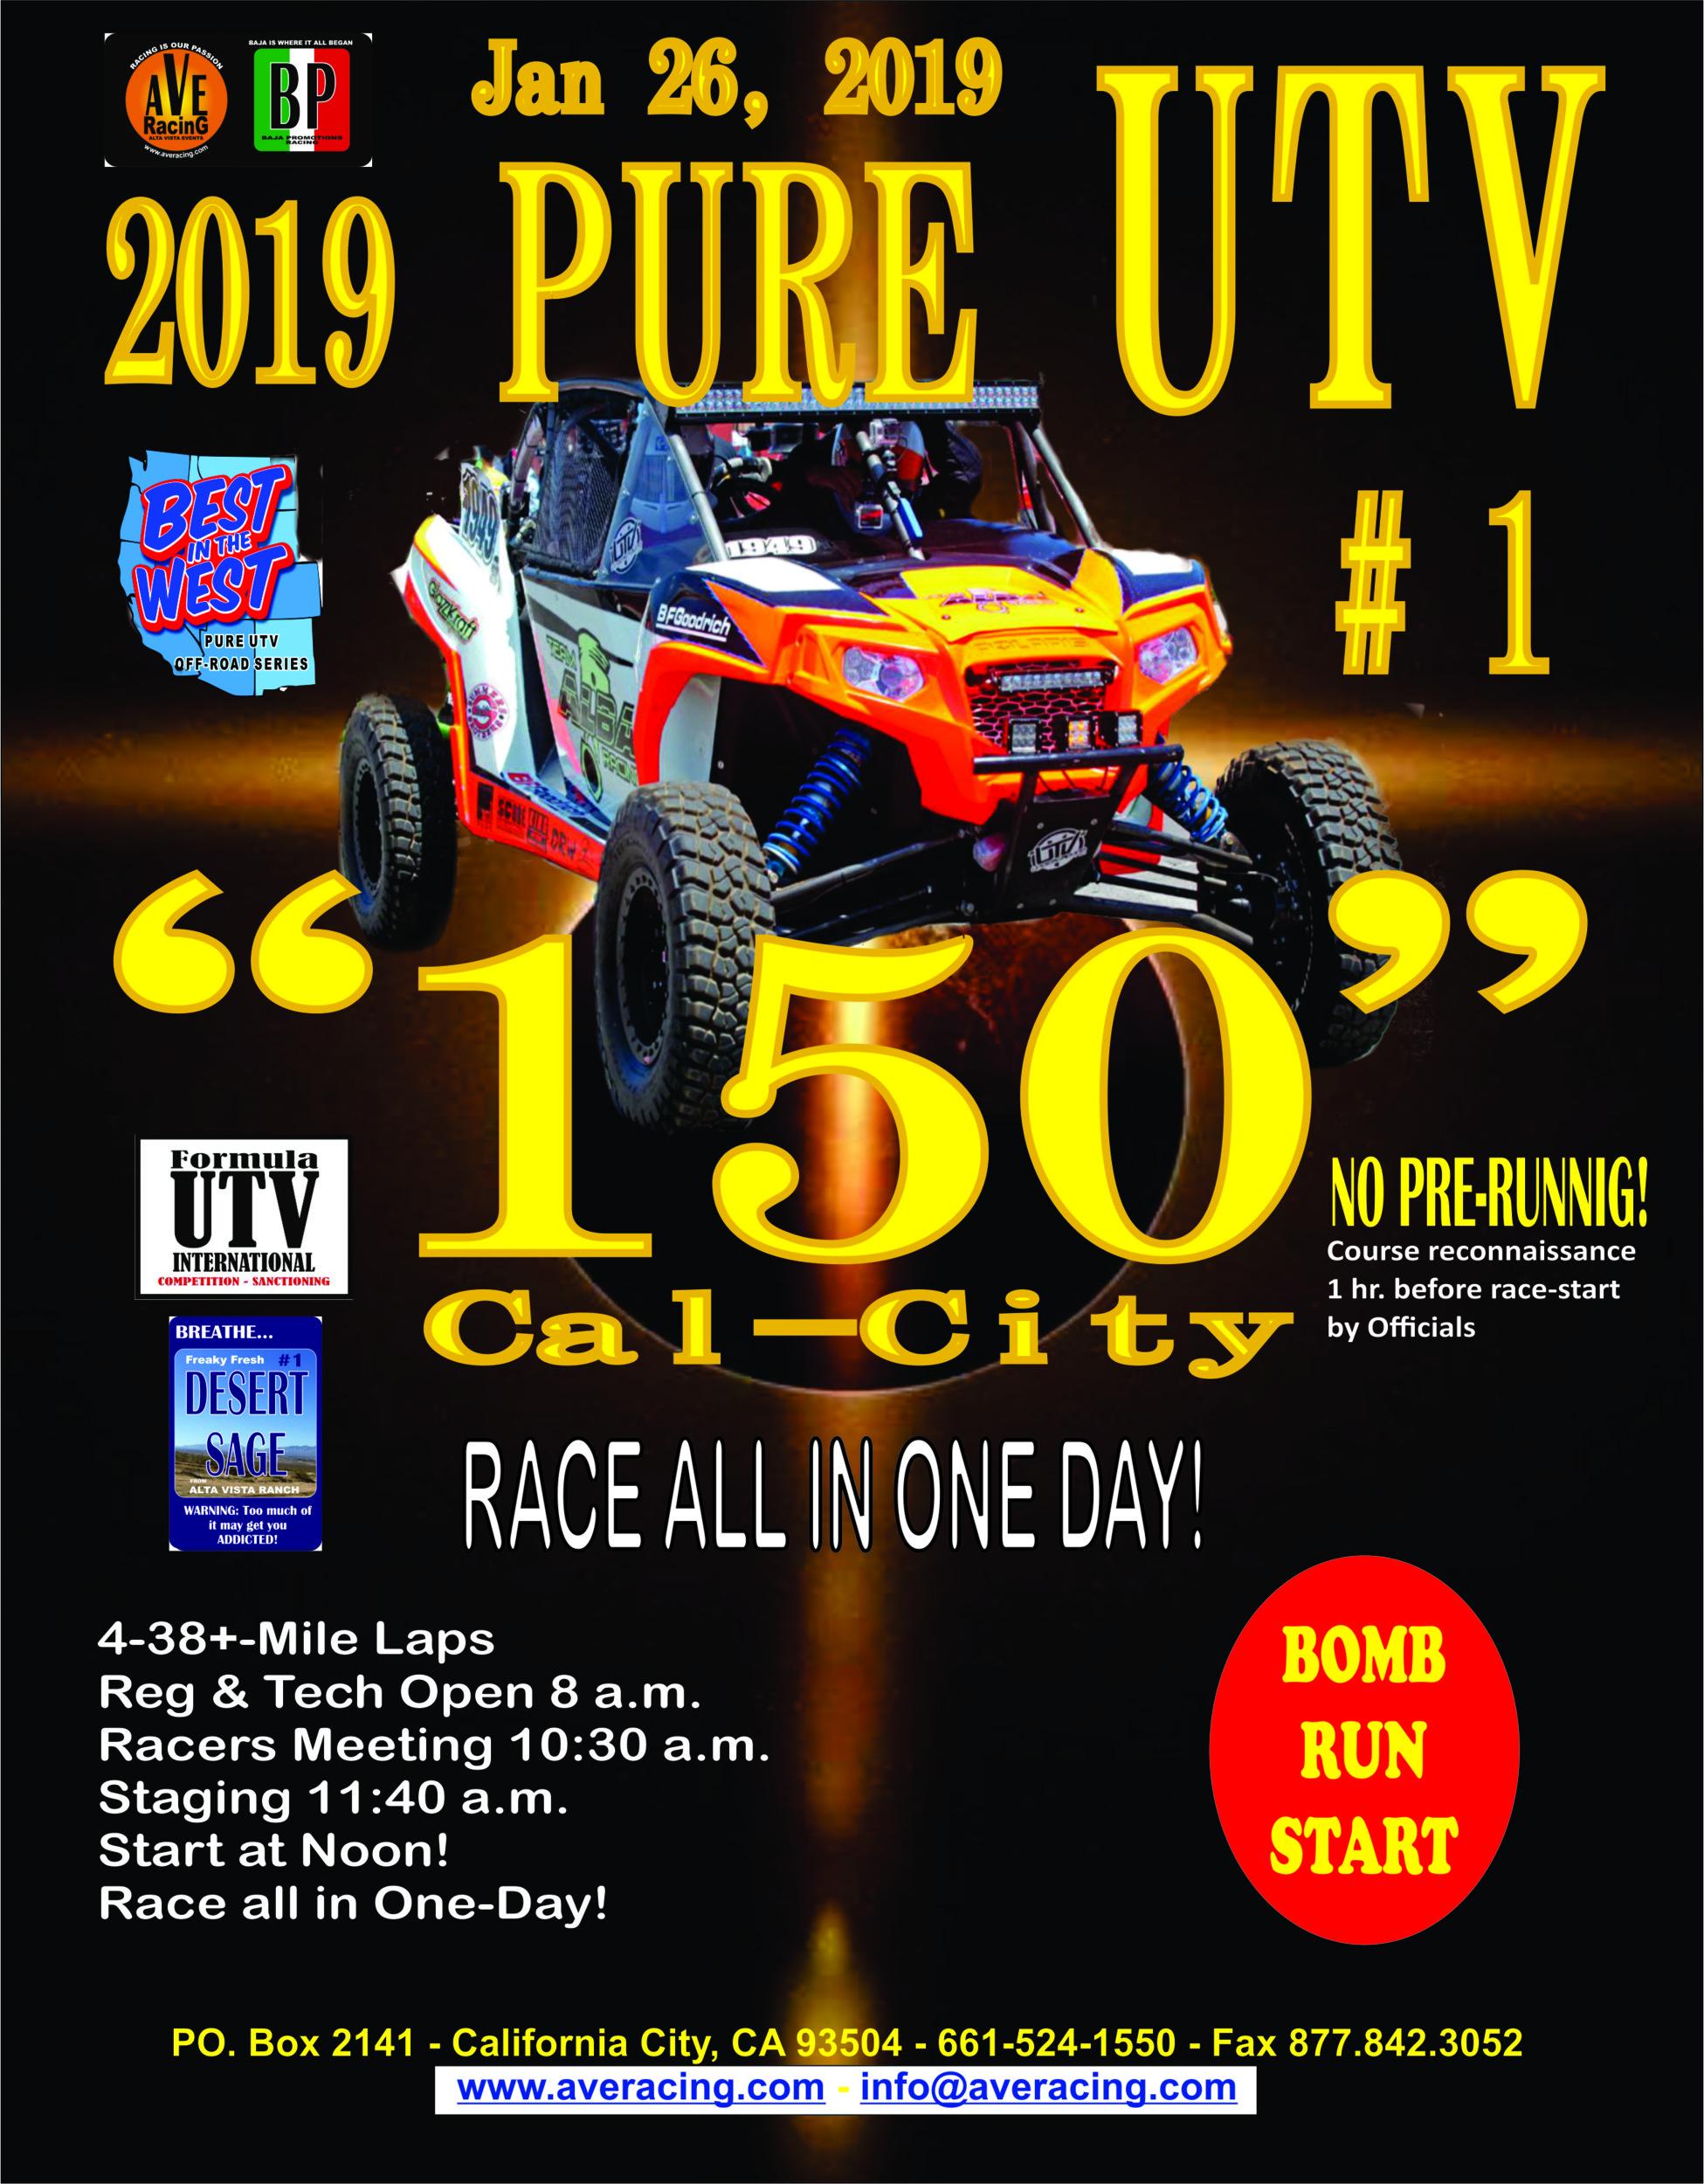 19-P150-#1-UTV-Main-ART-Nov6-18.jpg